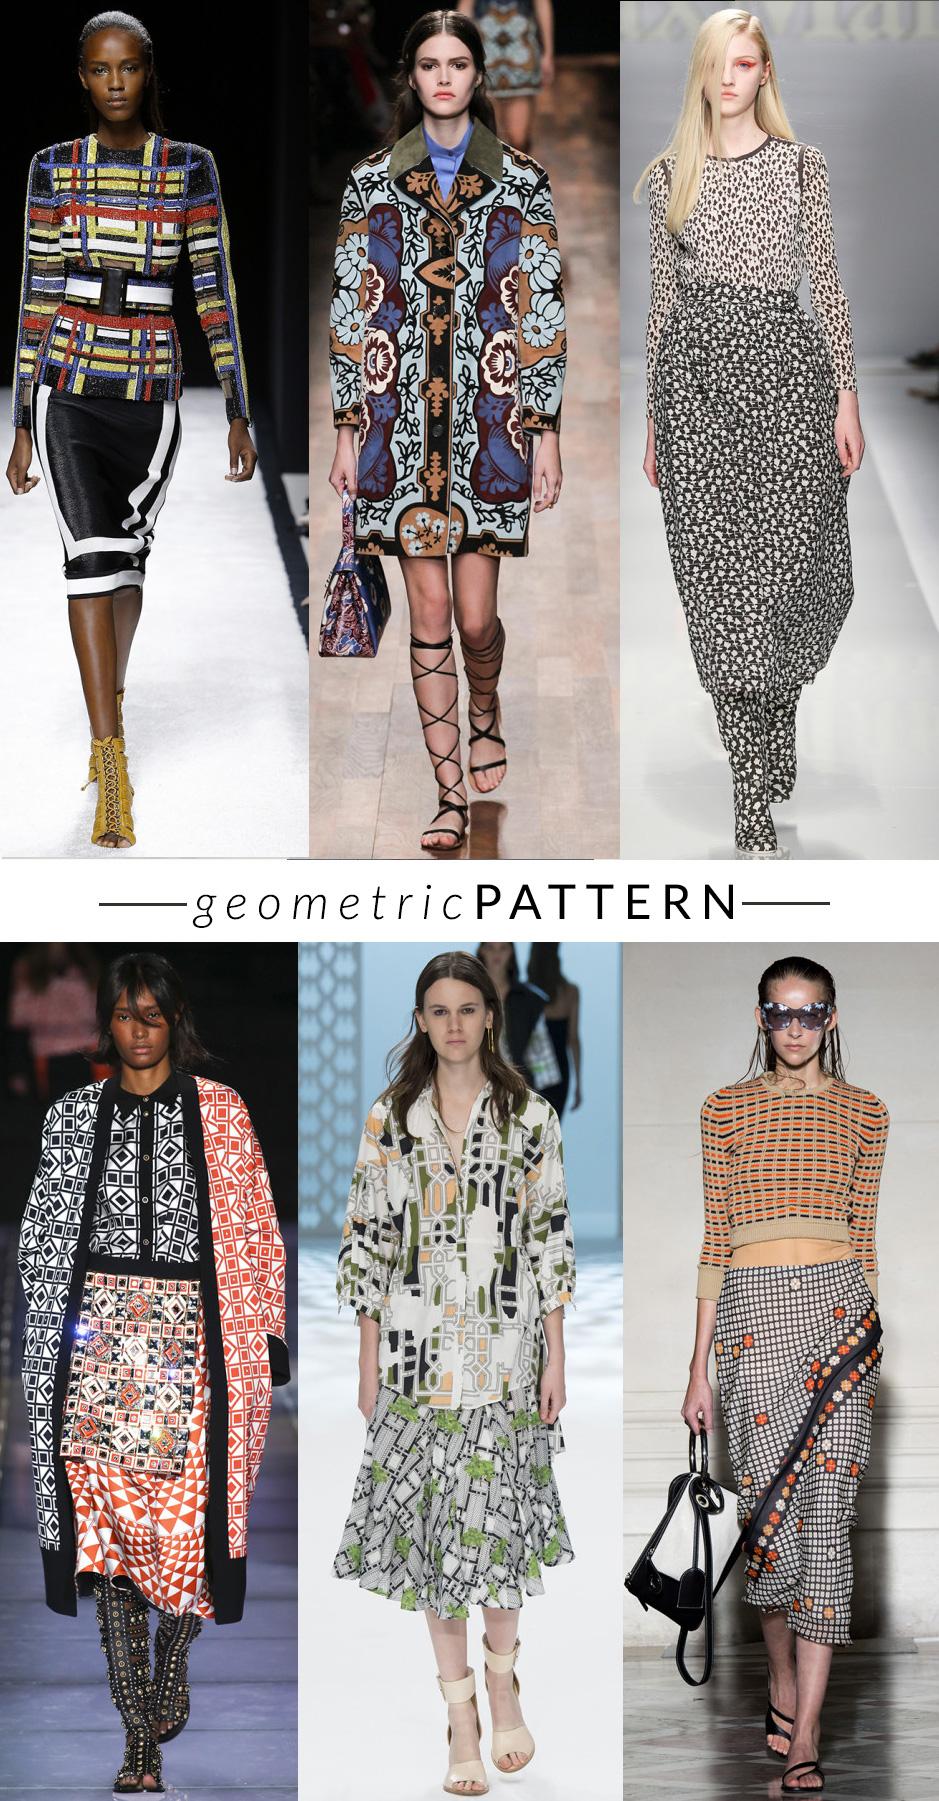 geomtric-pattern MULTICOLOR-STAMPE  trend moda primavera estate 2015 fashion blogger elena schiavon